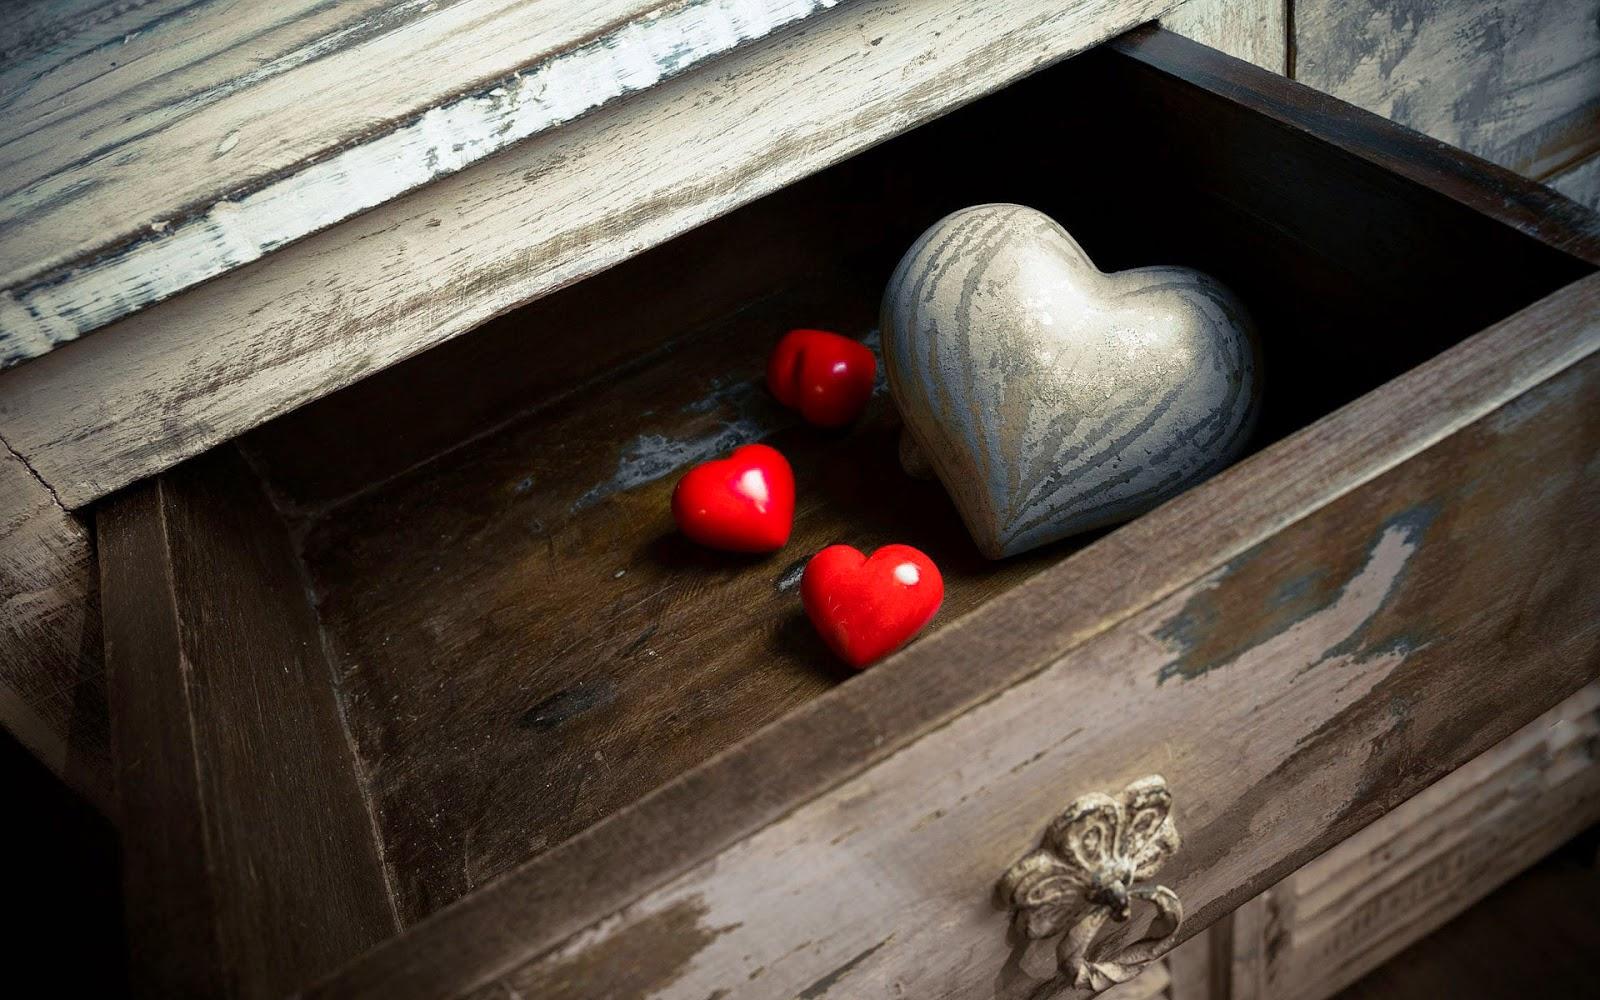 Oude Houten Kast : Rode houten liefdes hartjes in de lade van een oude houten kast hd